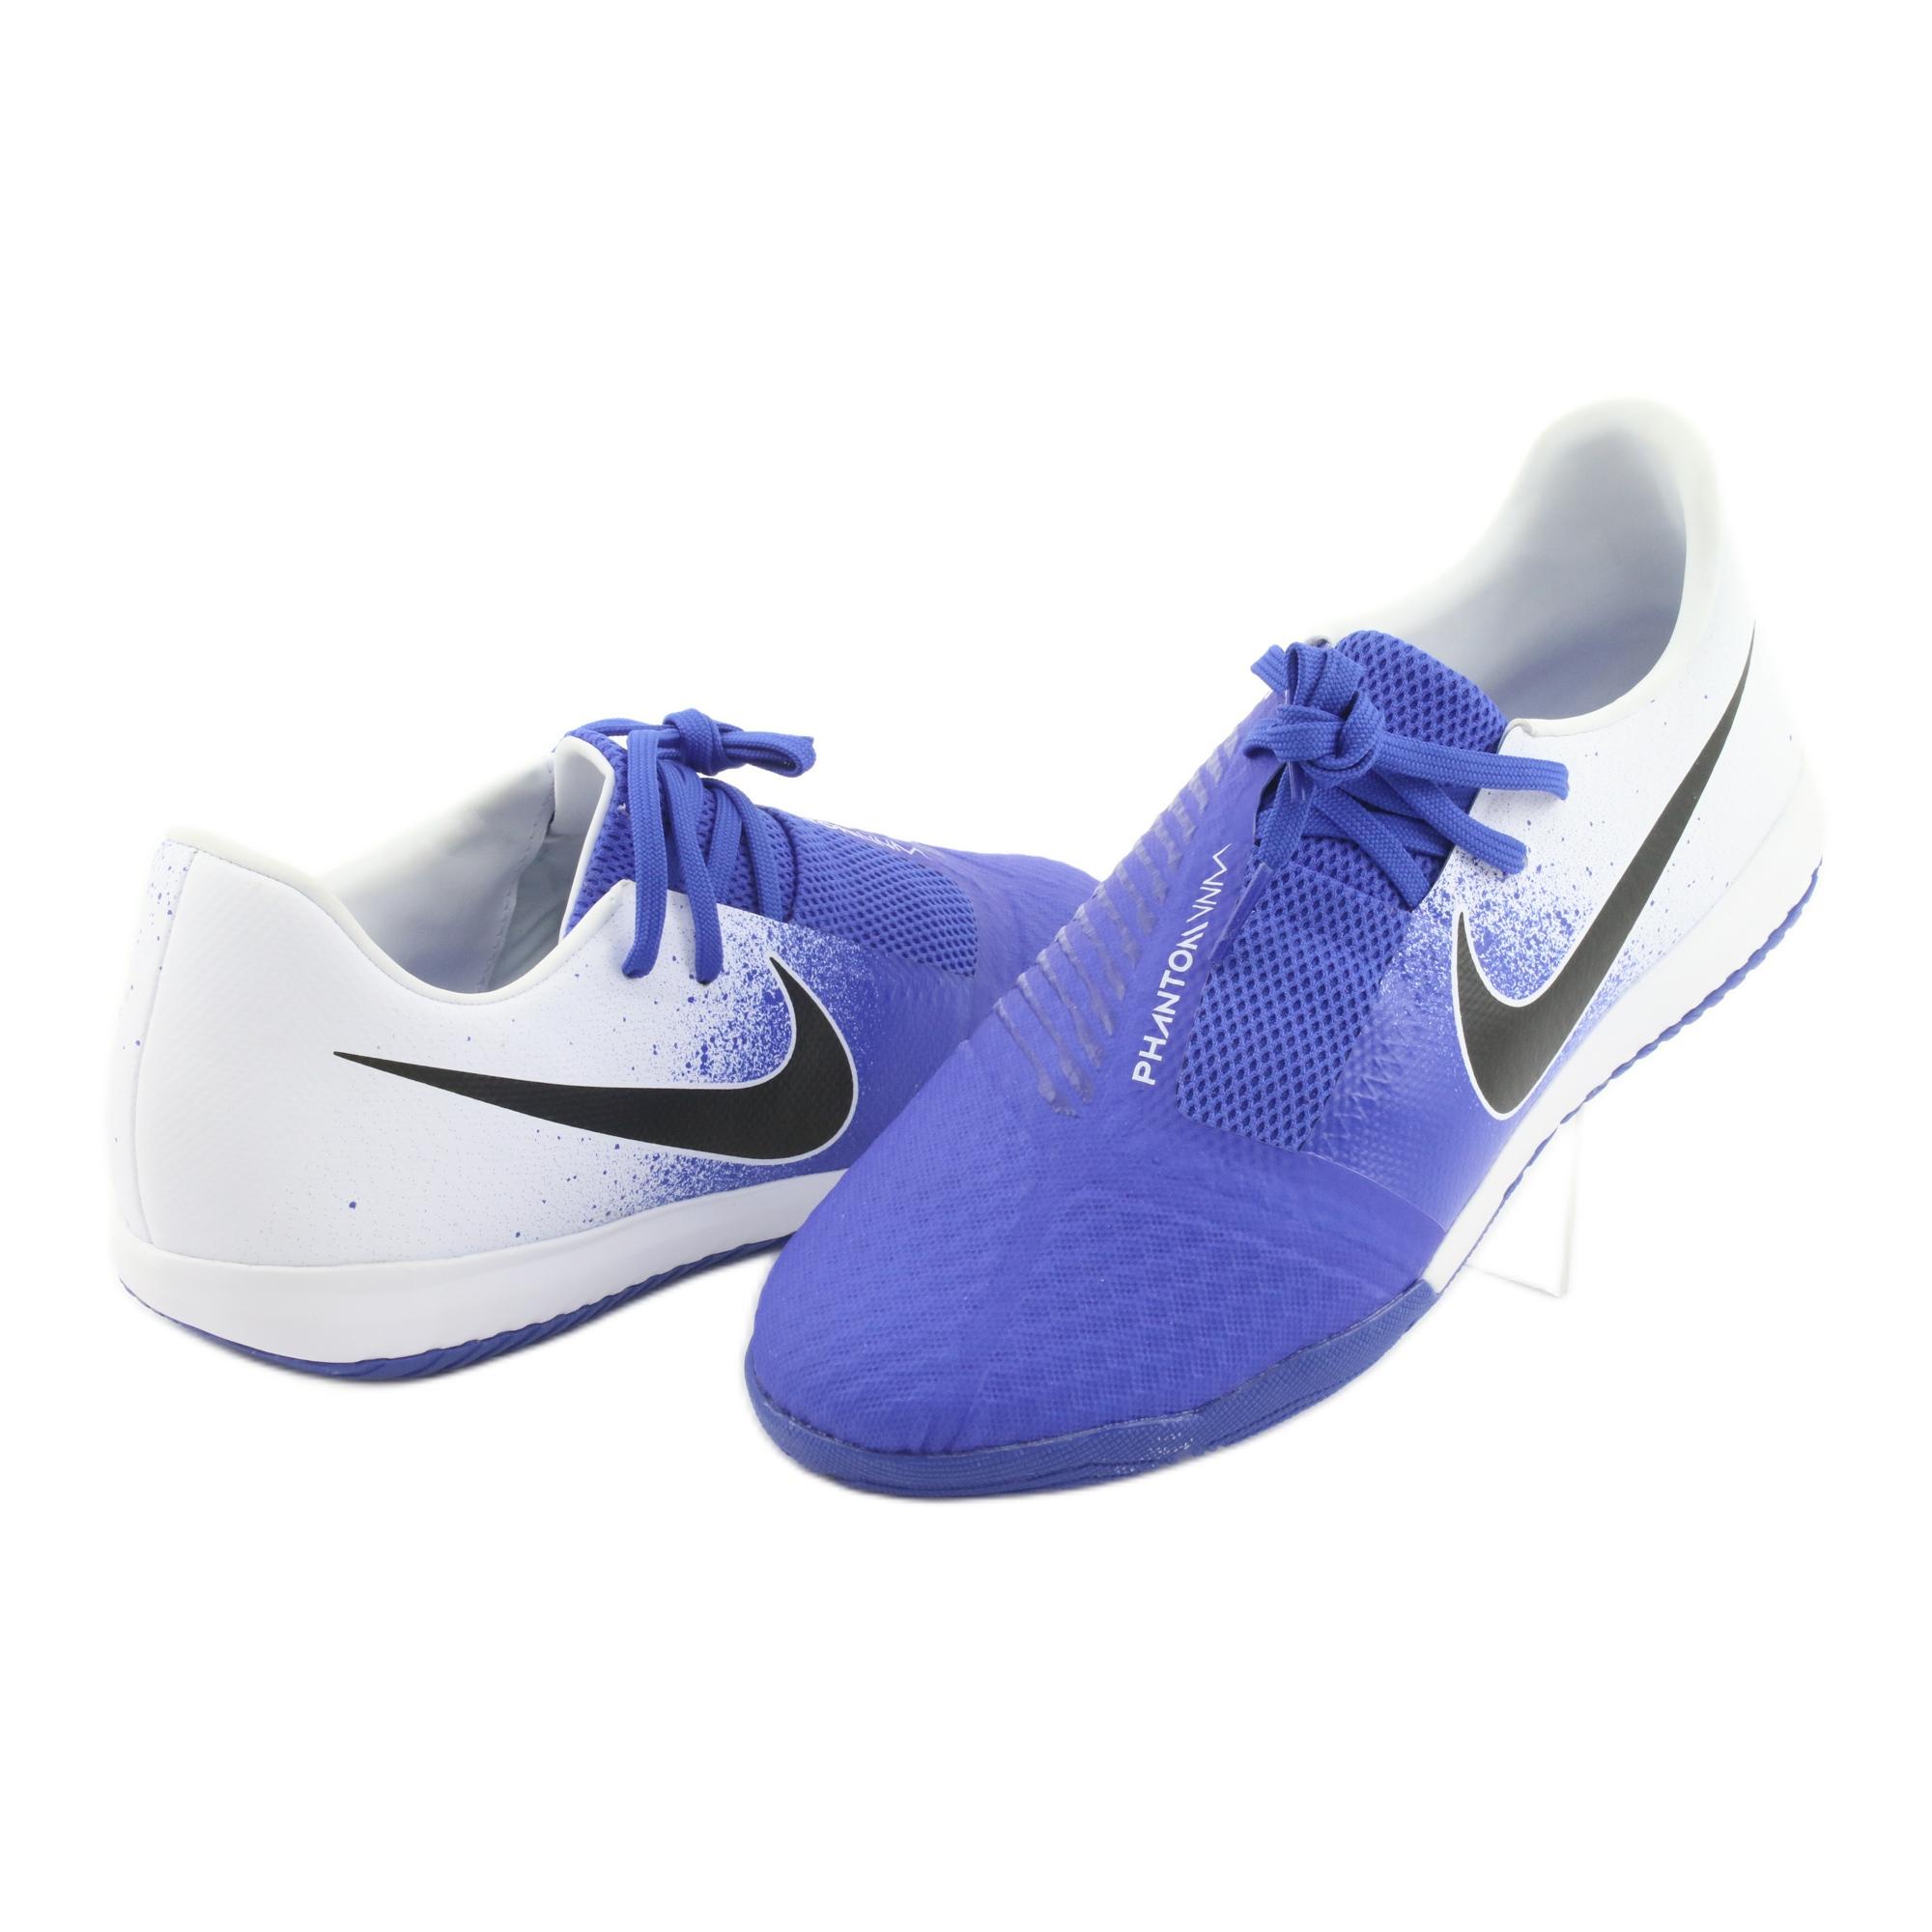 Zapatos de interior Nike Phantom Venom Academy Ic M AO0570 104 azul